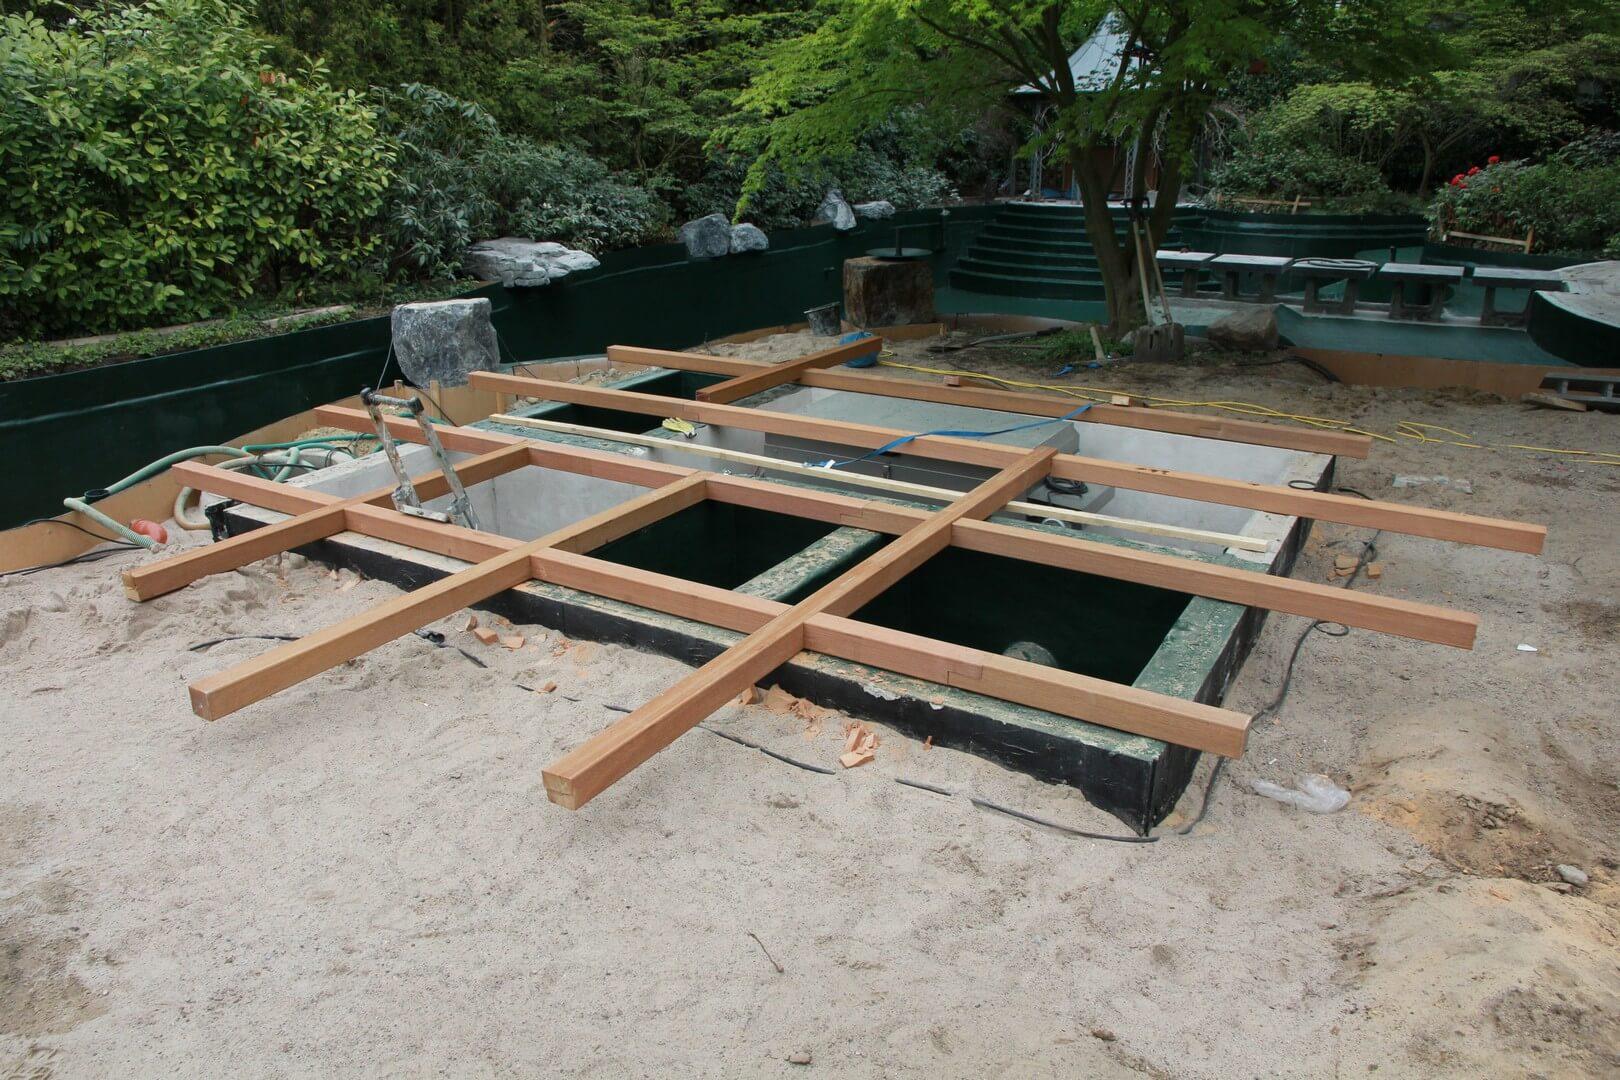 Schwimmteich - Mit Holz den Teich im Garten ergänzen | HOLZwelten